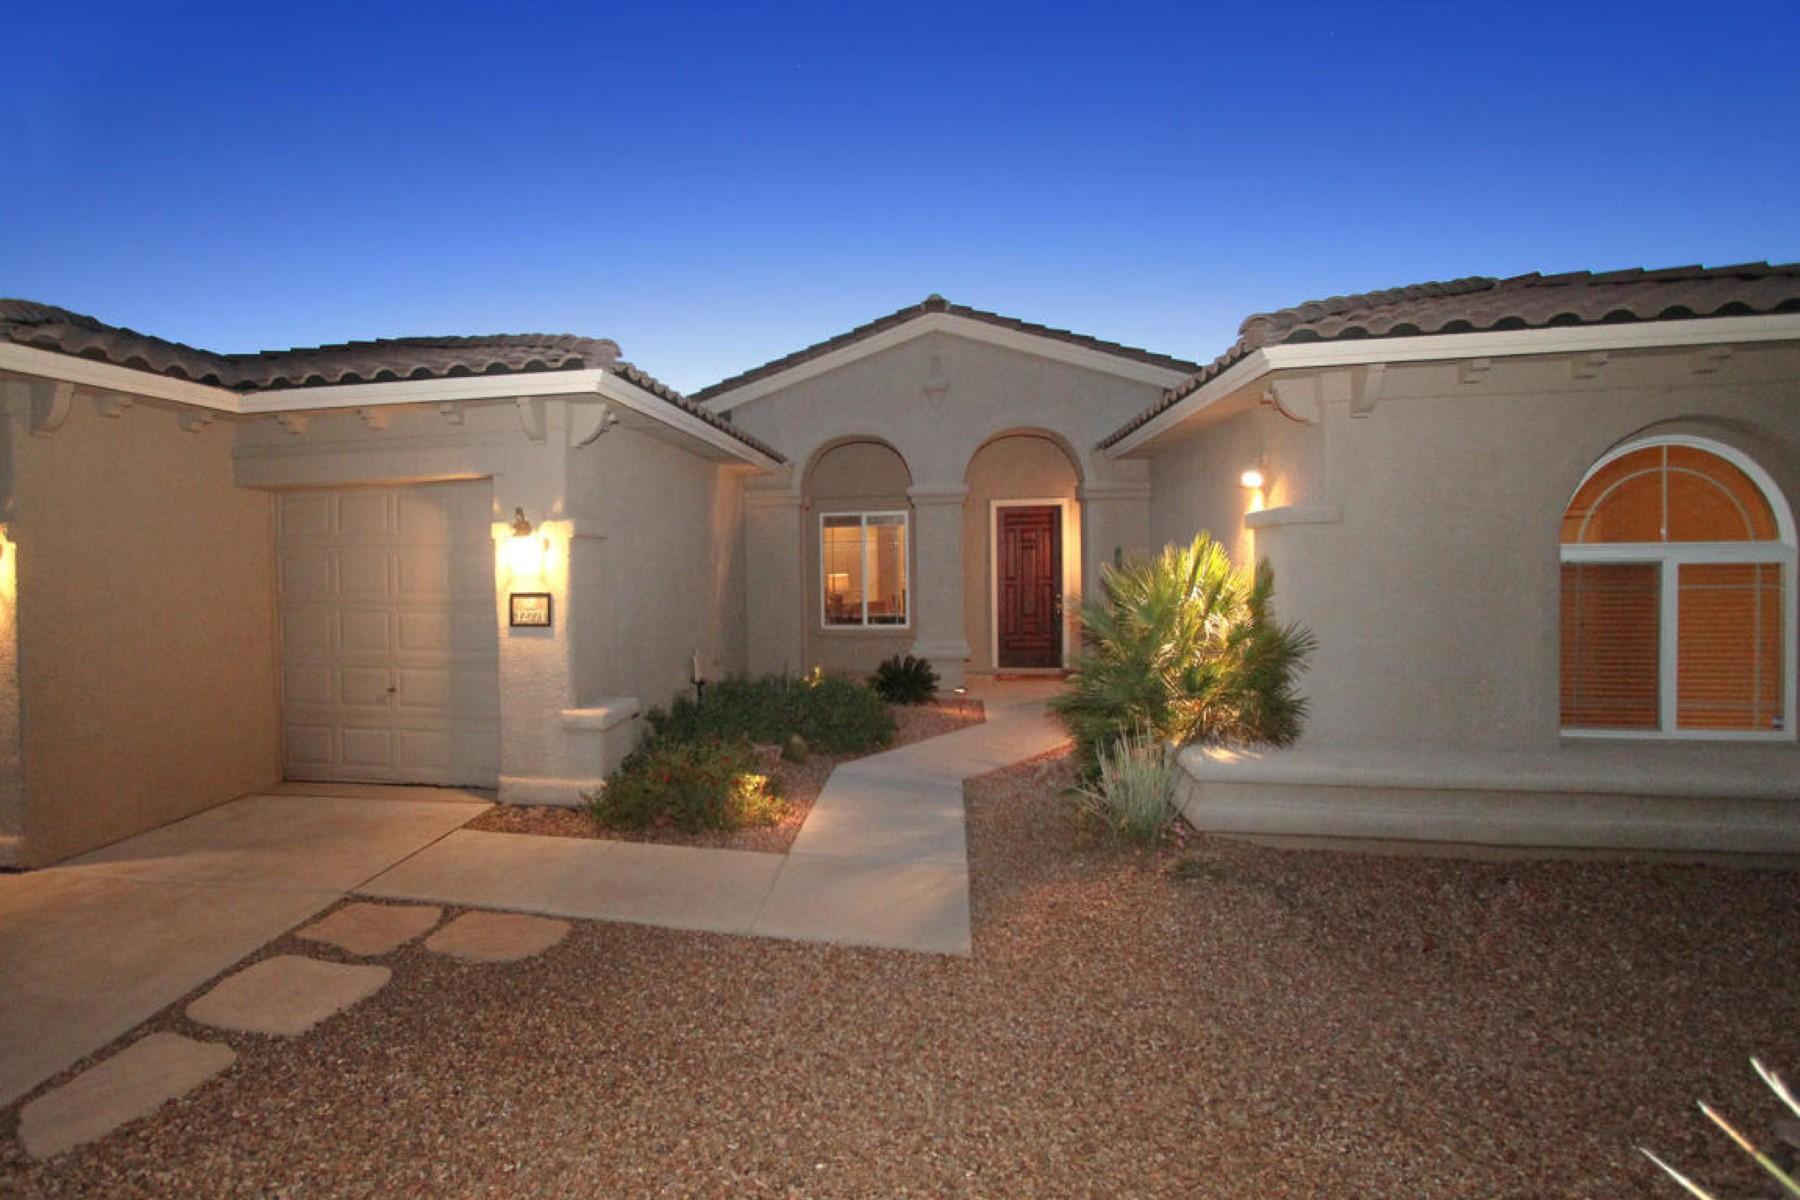 단독 가정 주택 용 매매 에 Immaculate Oro Valley Home move-in ready 12771 N Morgan Ranch Road Oro Valley, 아리조나, 85755 미국